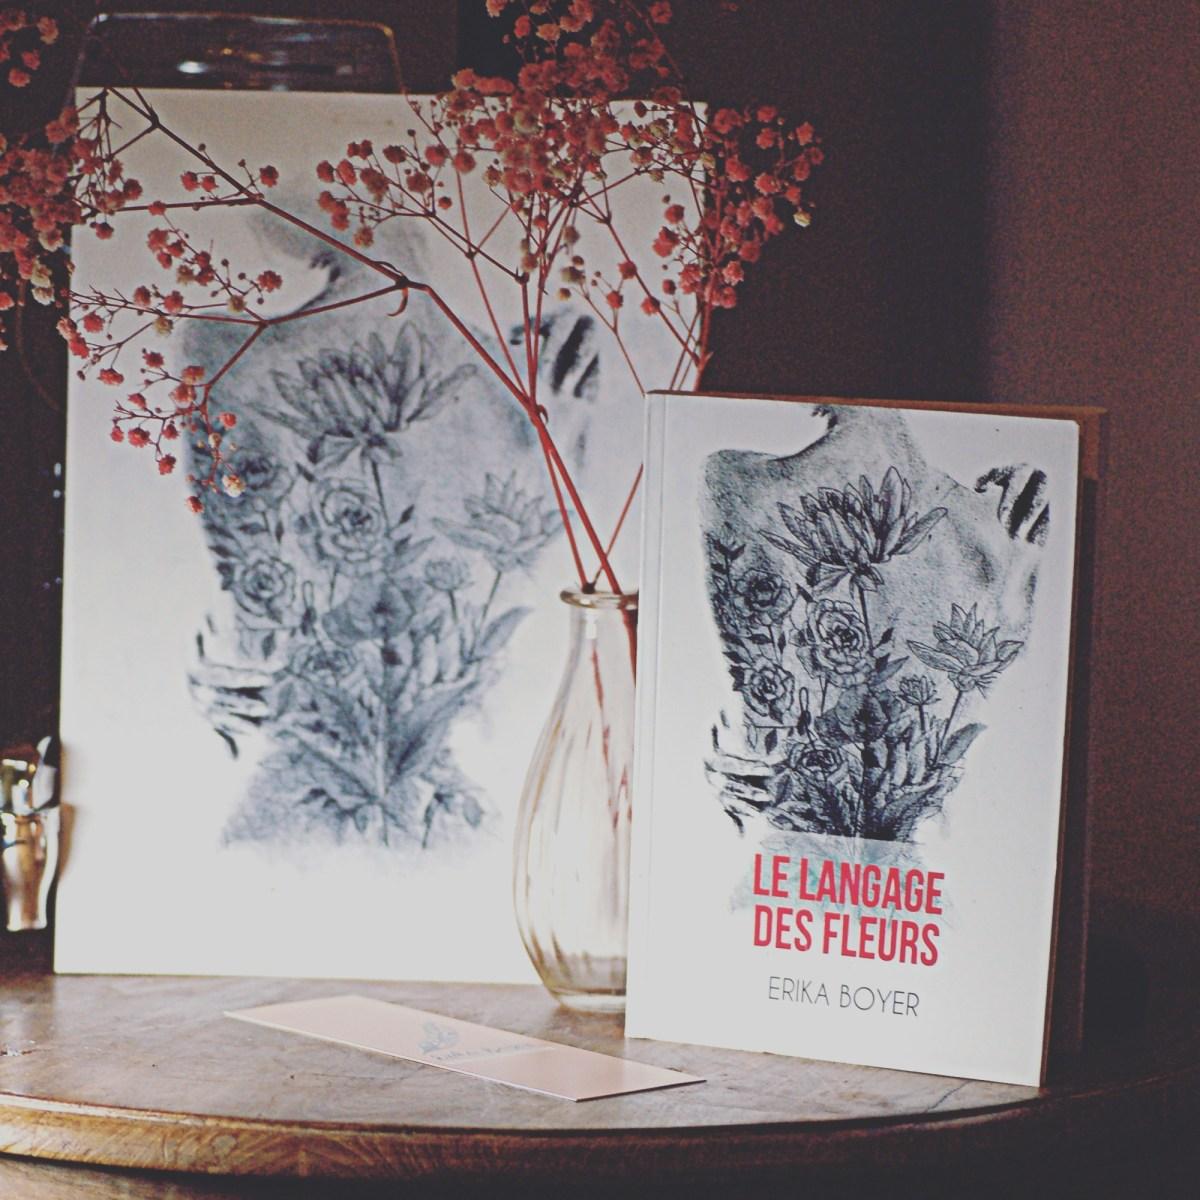 graphiste illustrateur, illustrateur métier, illustrateur bordeaux, illustrateur indépendant, graphiste illustrateur, encre de chine, Le langage des fleurs, croquis au crayon, L'Atelier Vagabond, couverture roman, couverture livre, Erika Boyer, L'Atelier Vagabond.